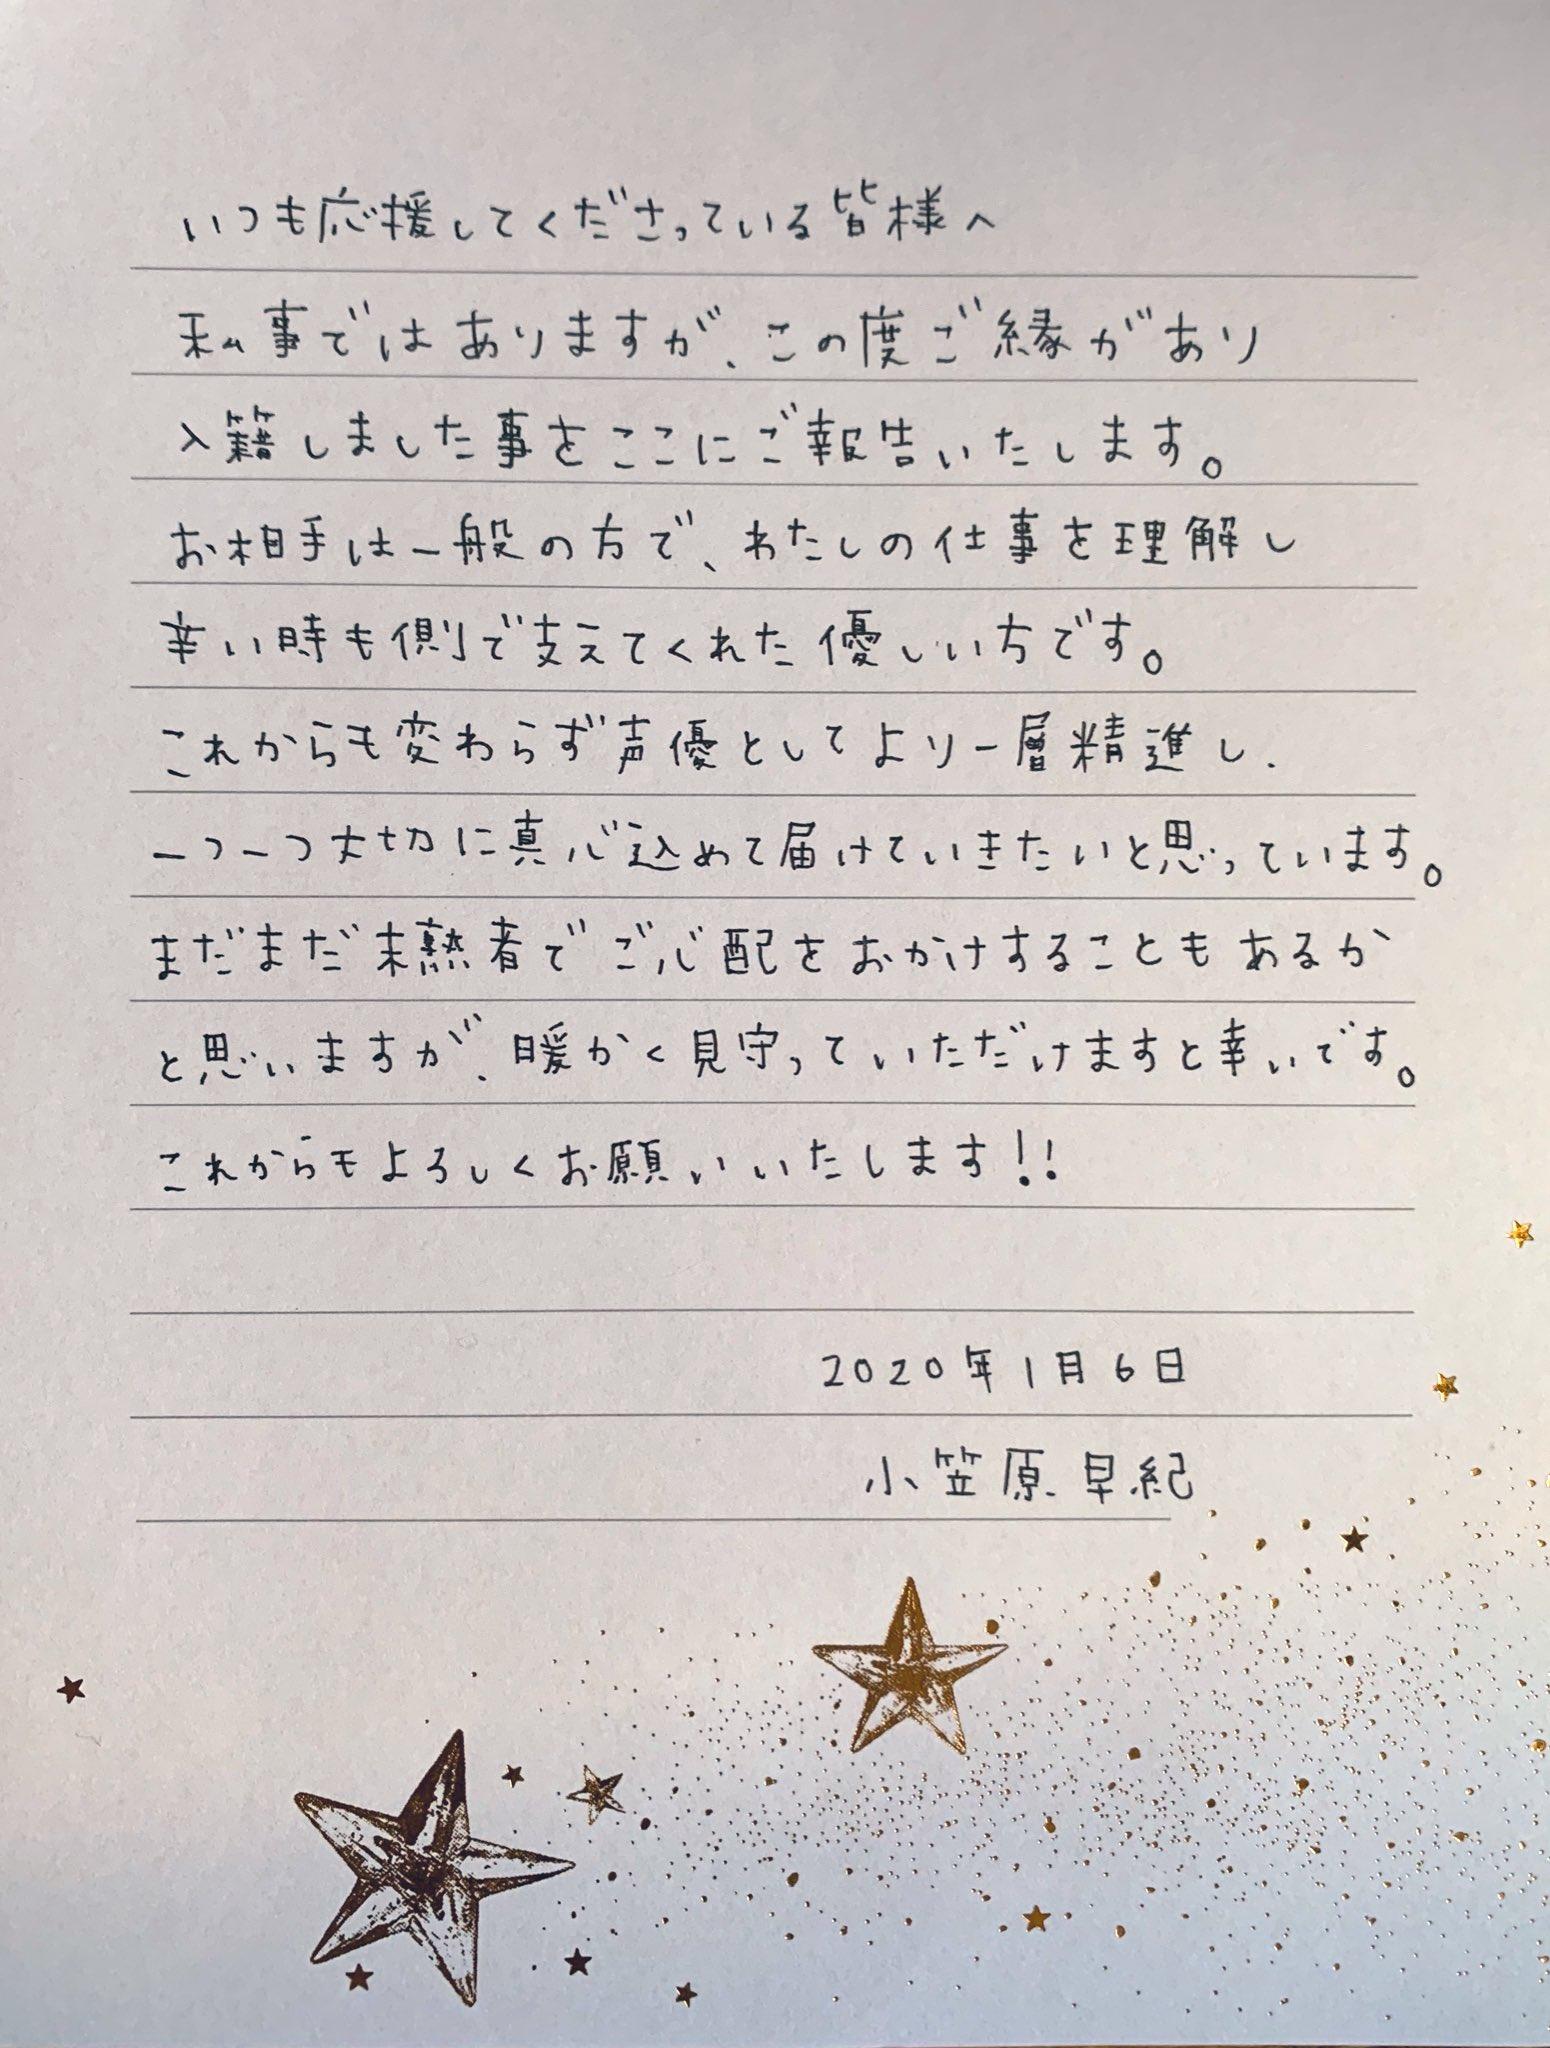 又是一般男性!声优小笠原早纪宣布与一般男性结婚- ACG17.COM